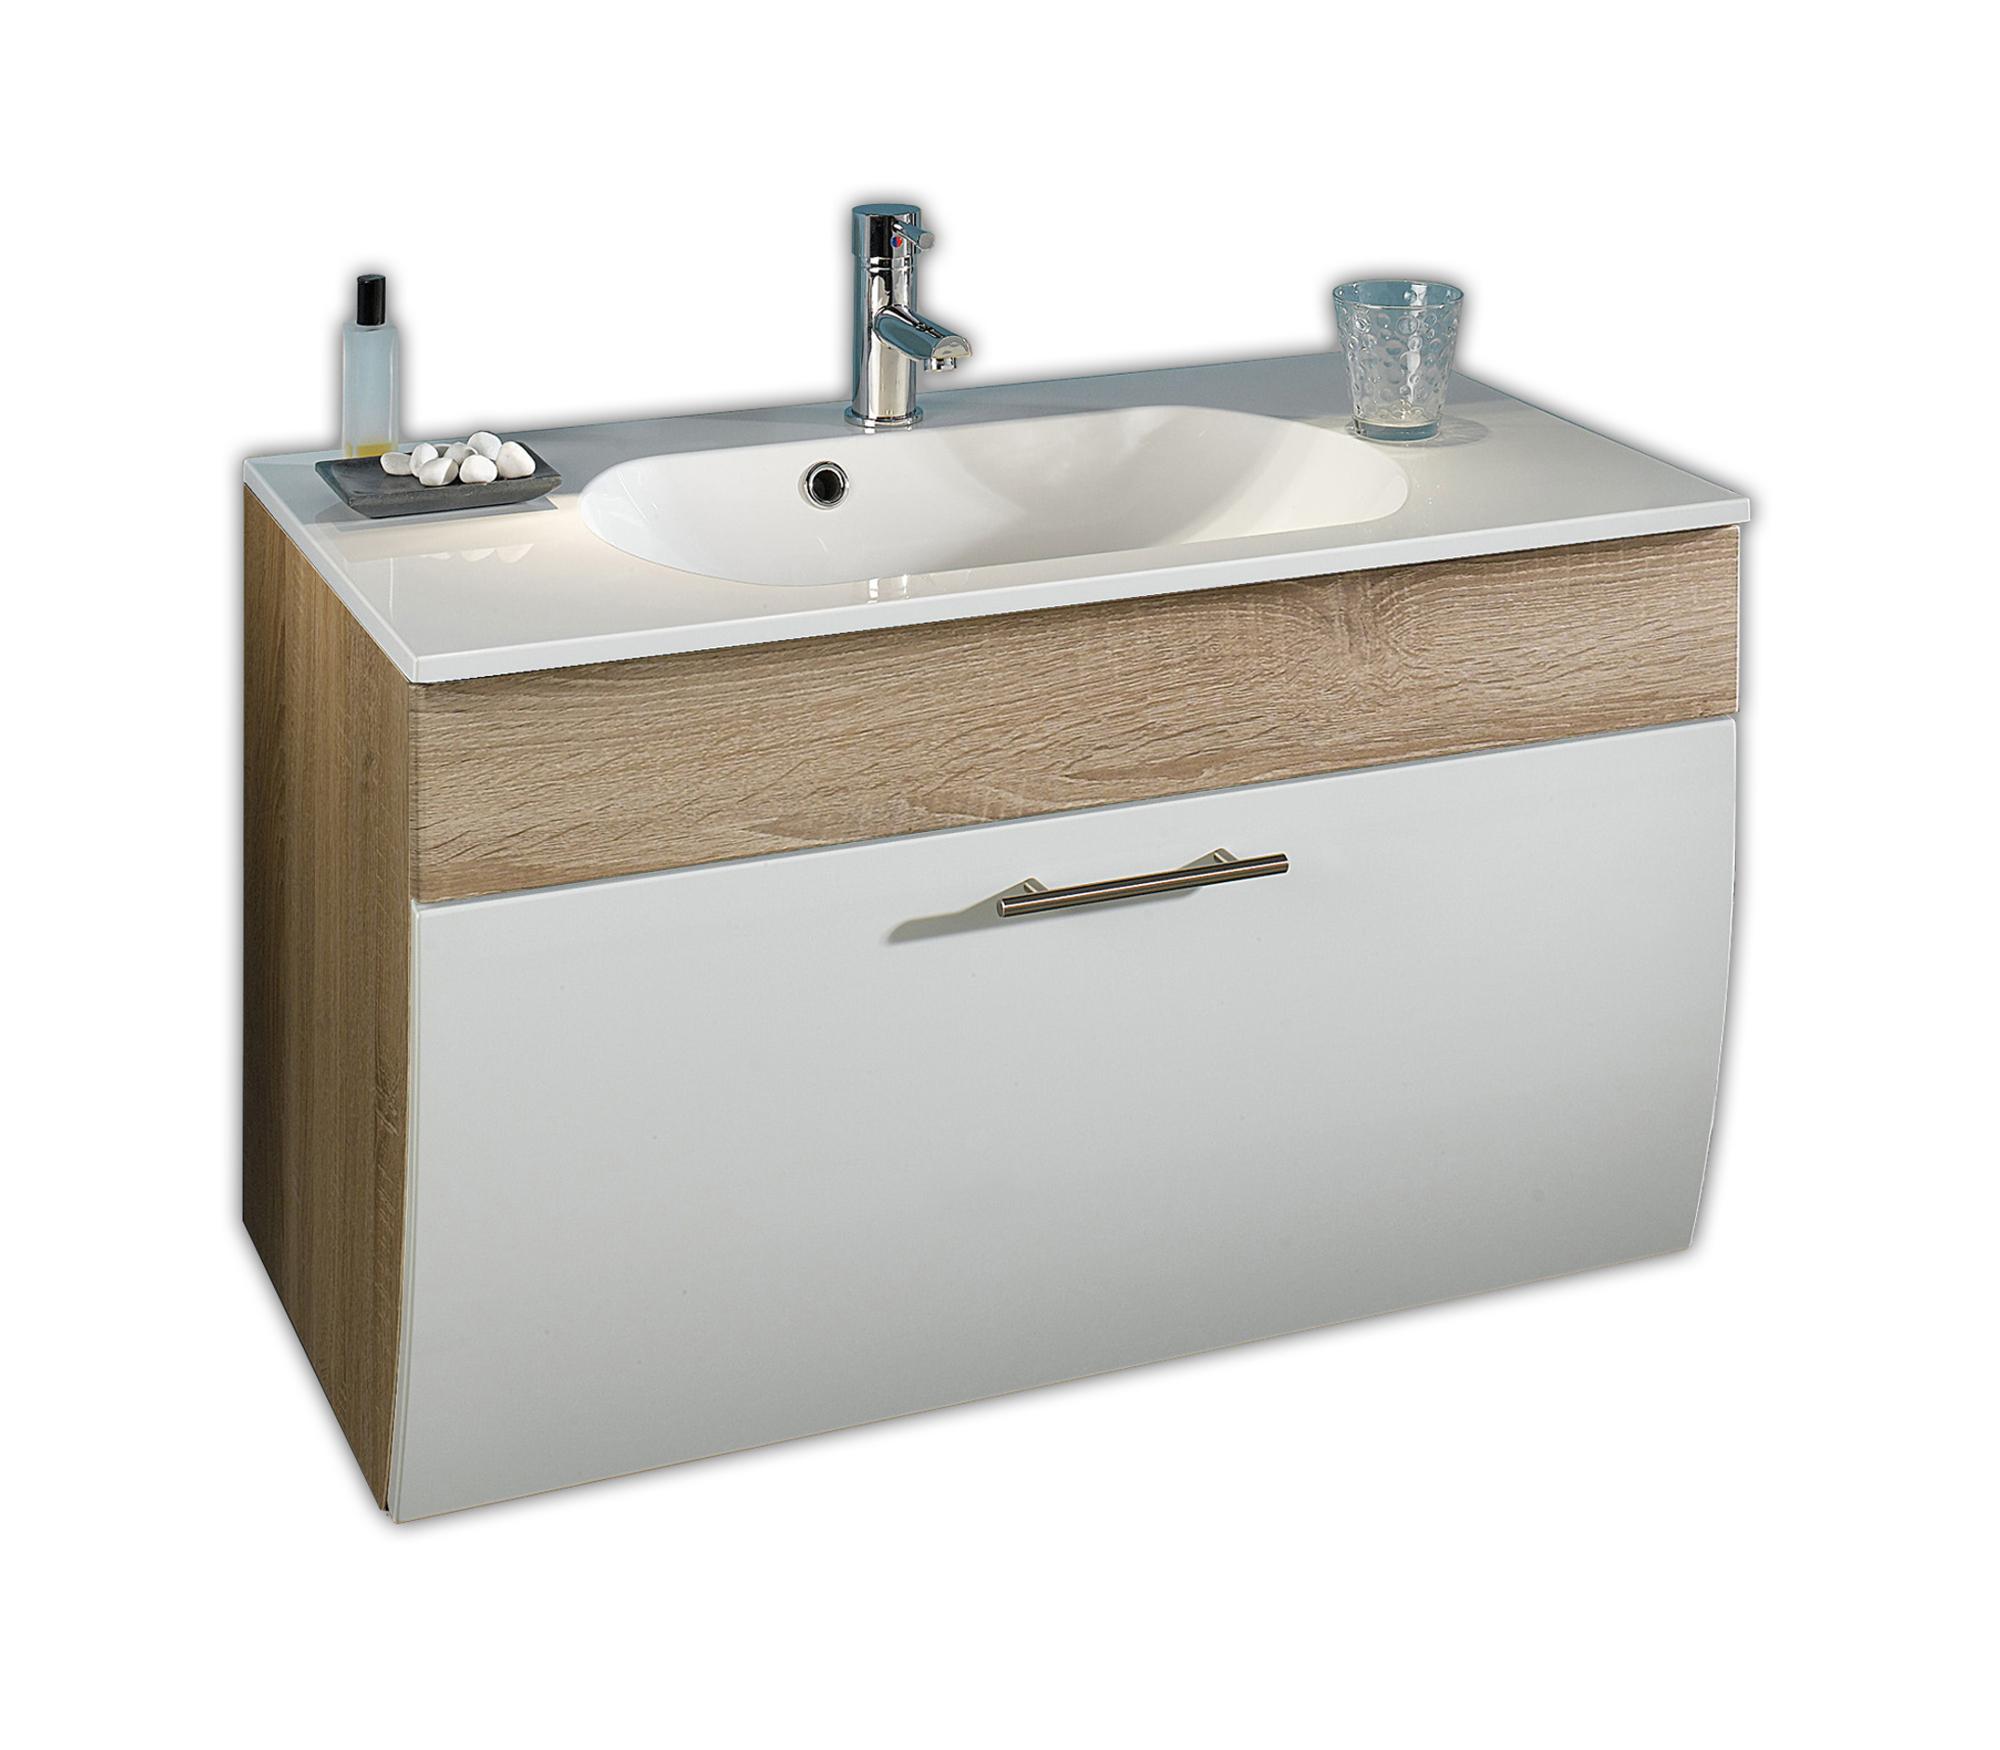 bad waschtisch salona 1 klappe 90 cm breit wei eiche bad waschtische. Black Bedroom Furniture Sets. Home Design Ideas